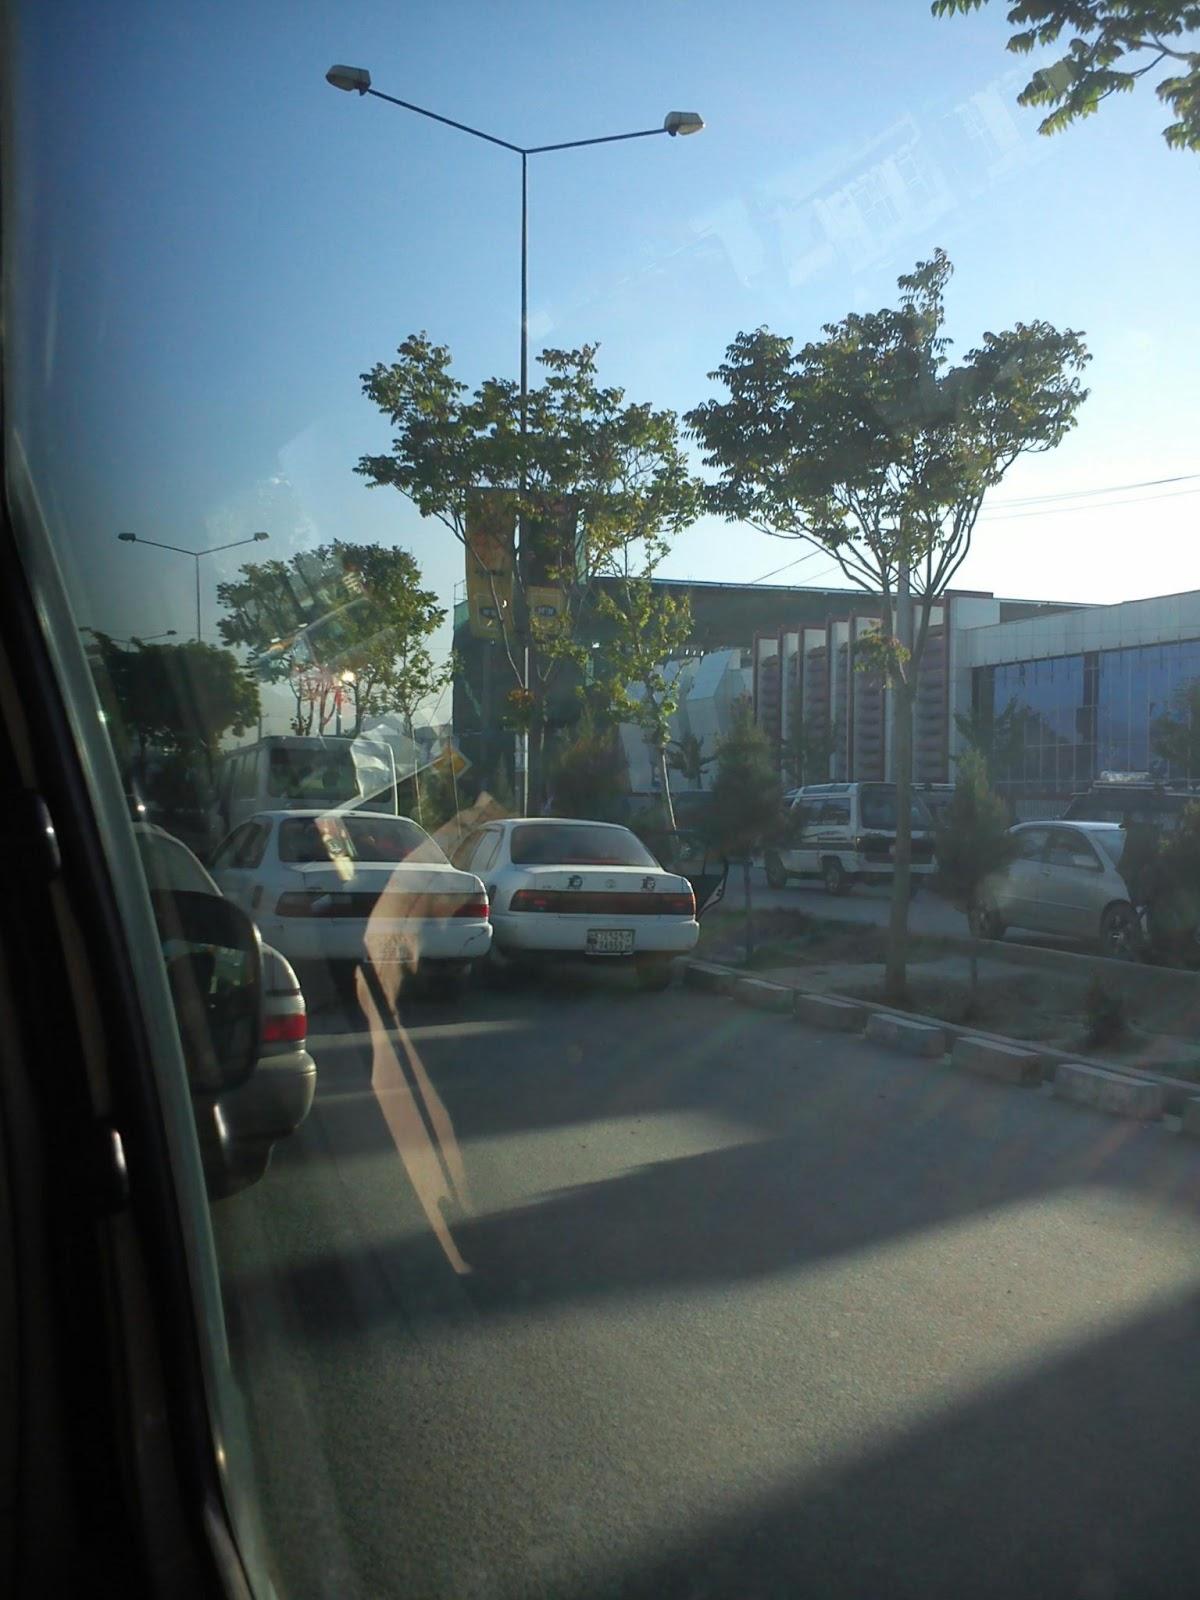 Ulica w Kabulu, widok zza szyby samochodu